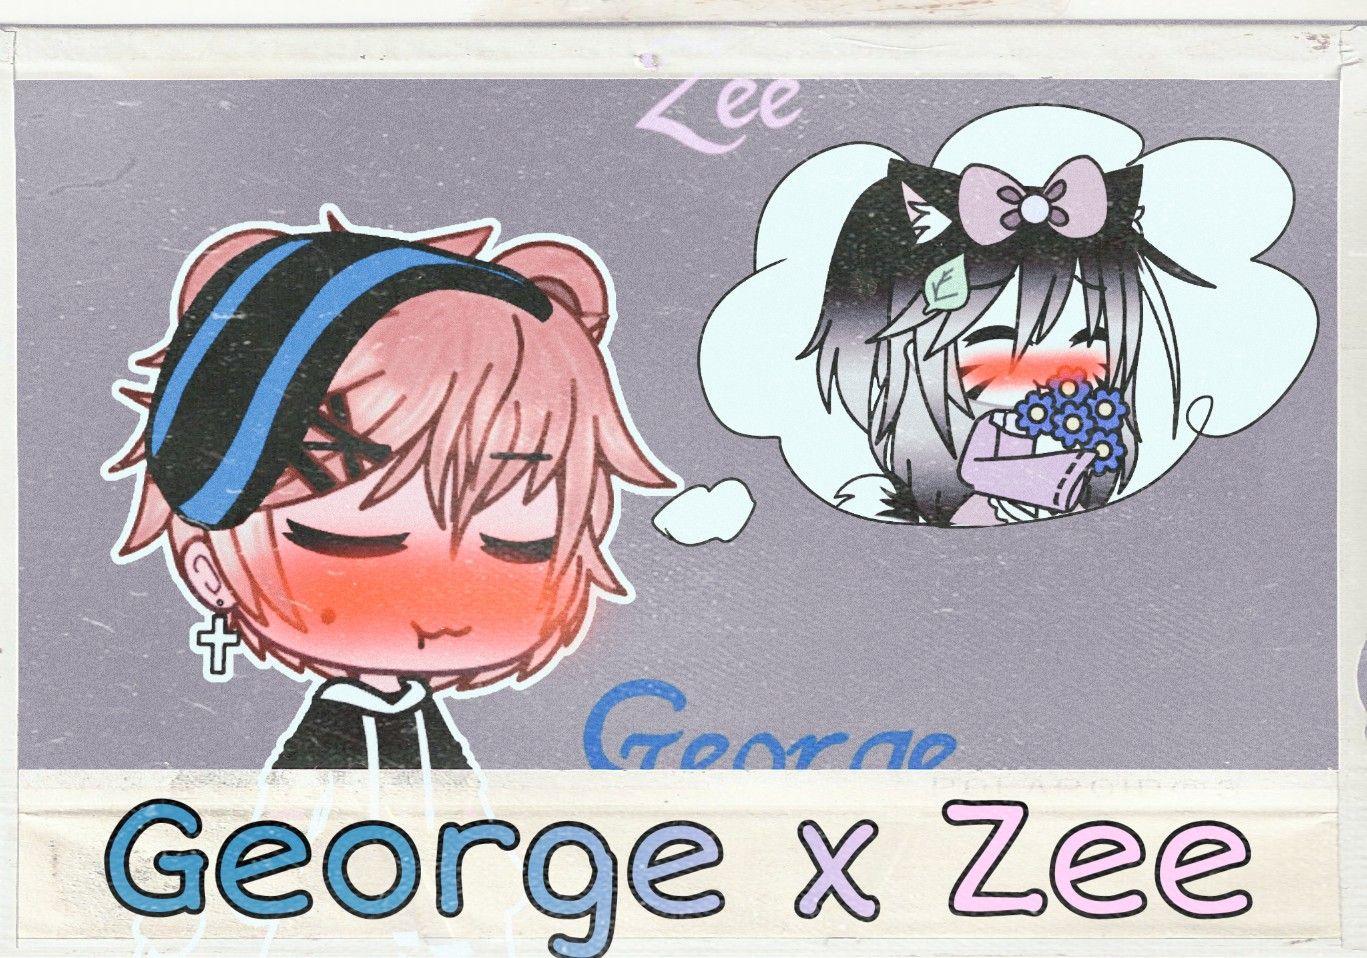 x Zee em 2020 Fofa, Engraçado, Imagens engraçadas